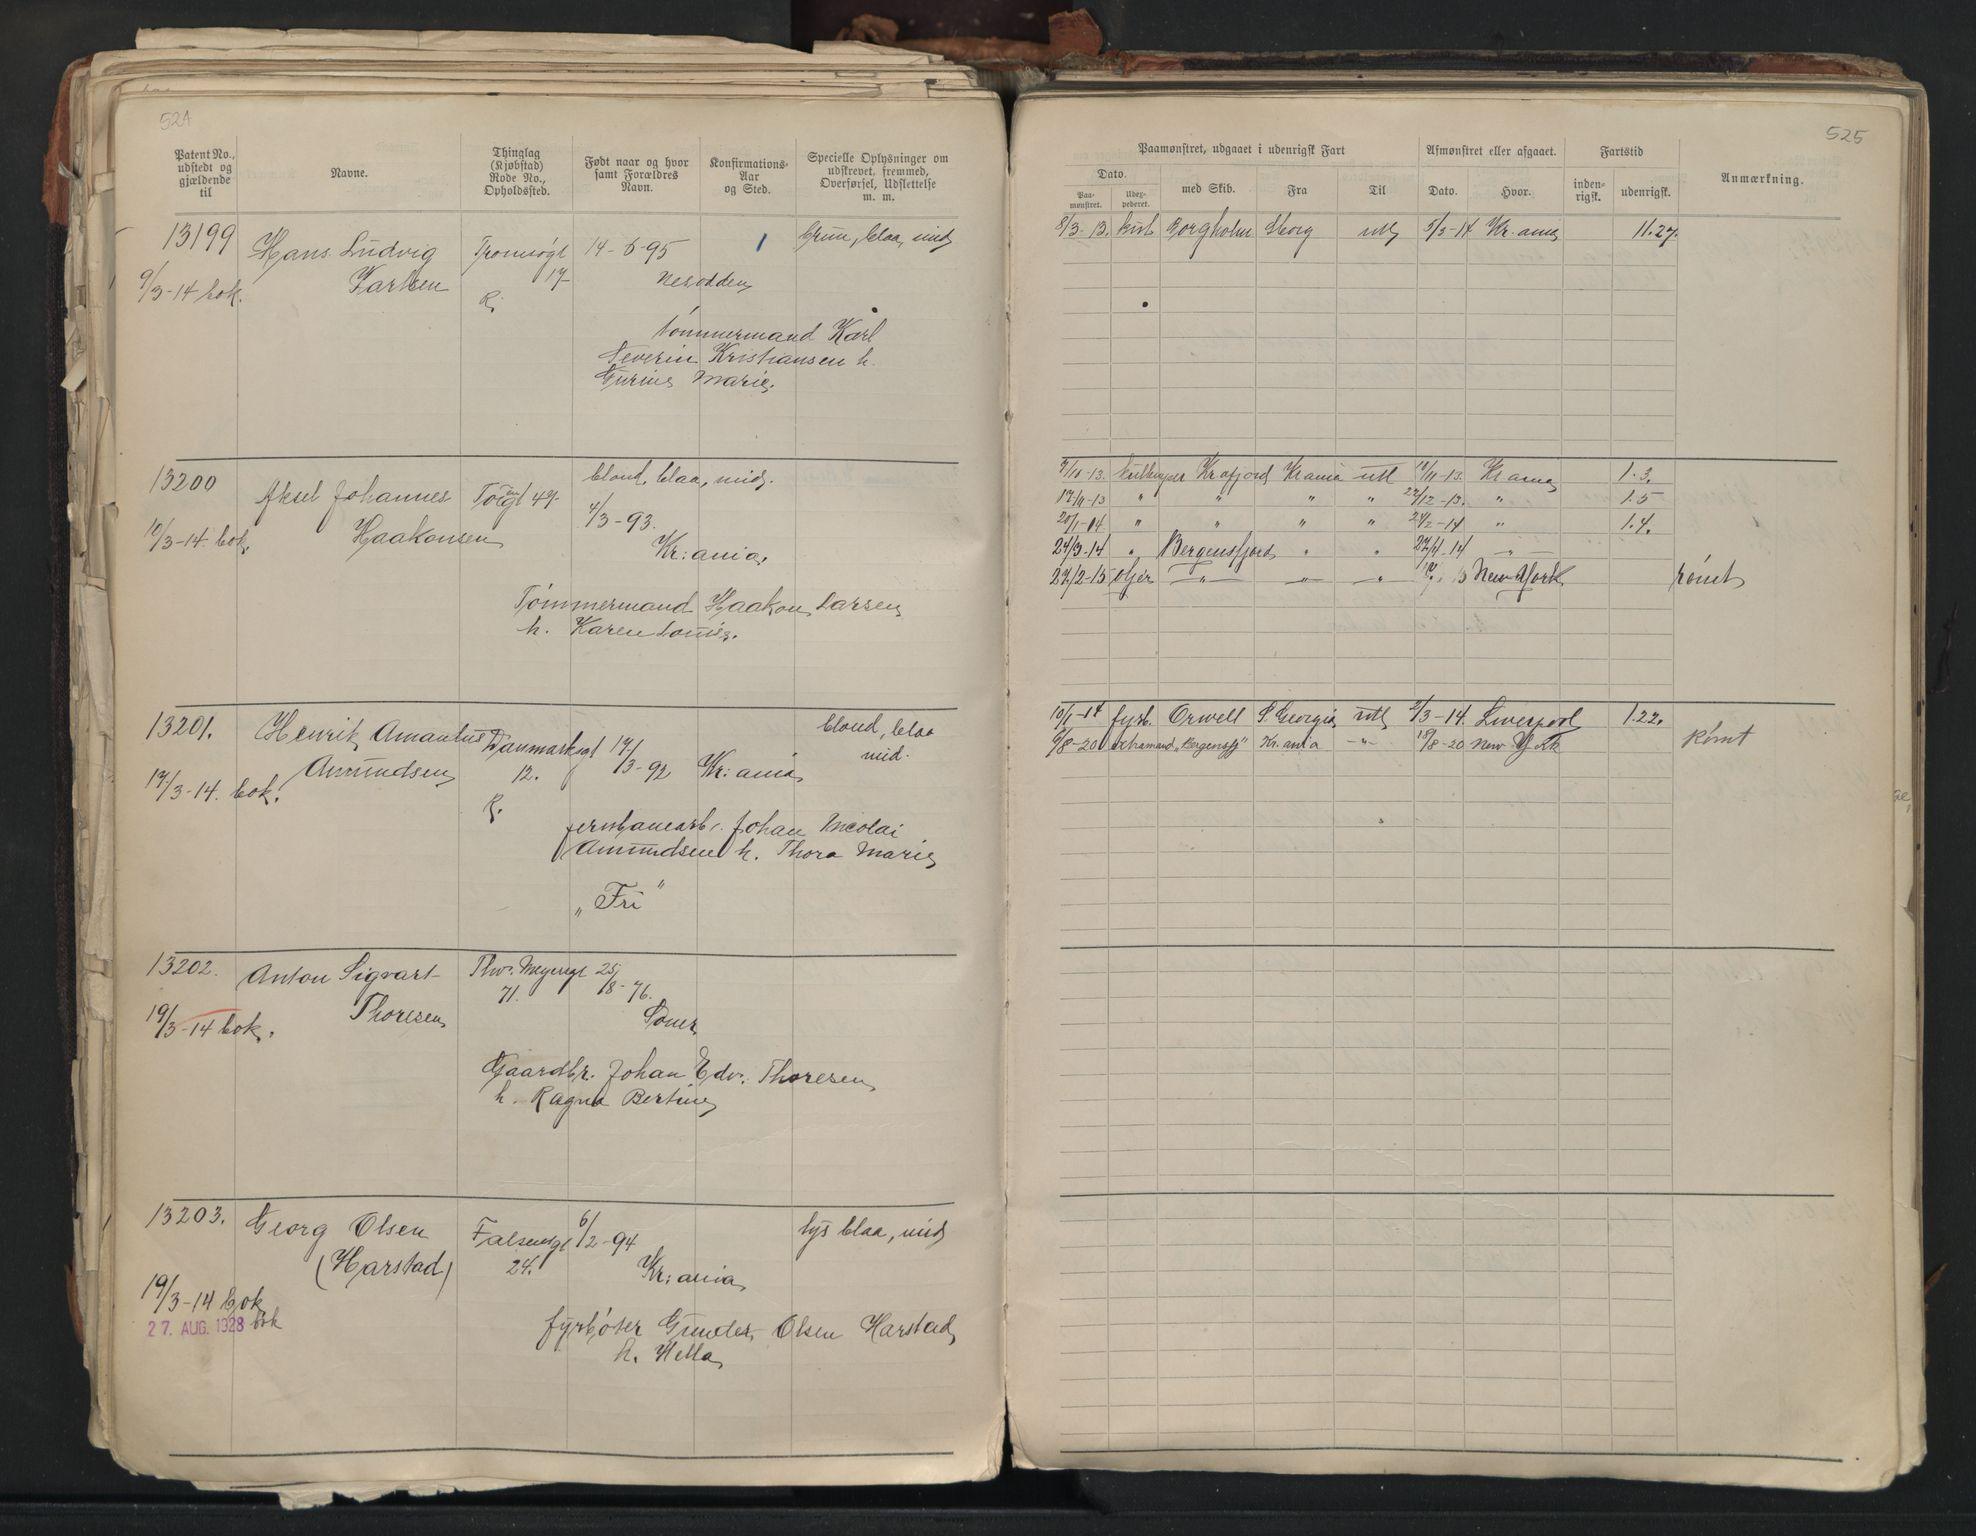 SAO, Oslo sjømannskontor, F/Fb/L0001: Annotasjonsrulle, 1908-1938, s. 524-525